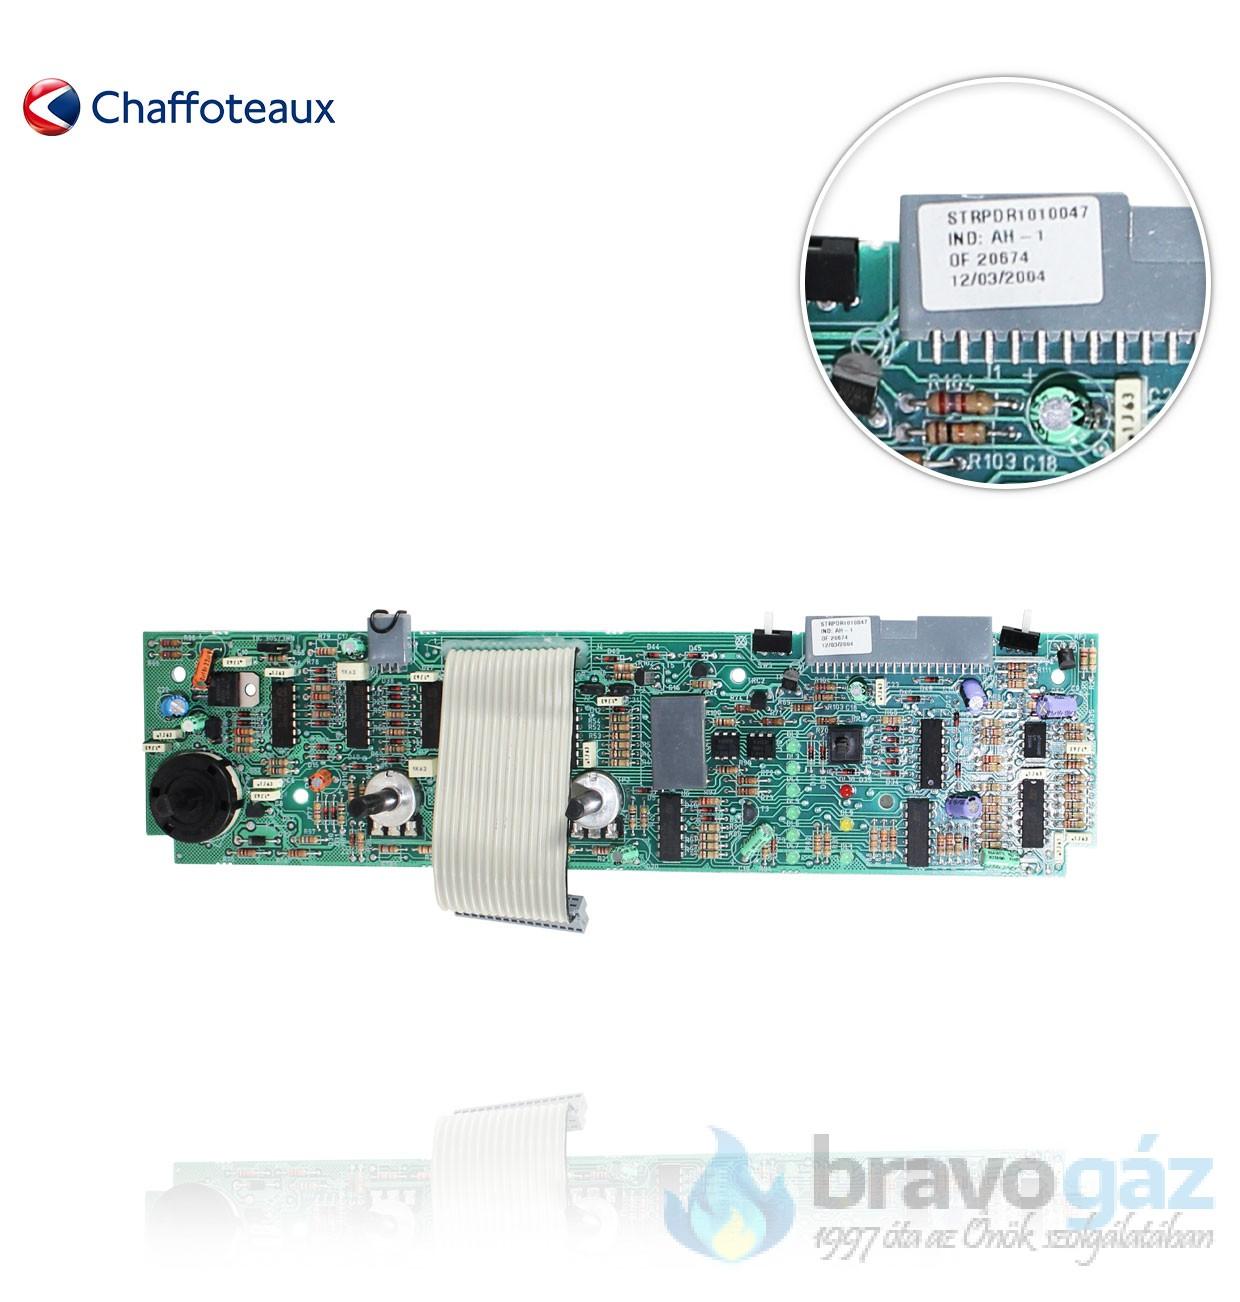 Chaffoteaux vezérlő panel  - 61010047